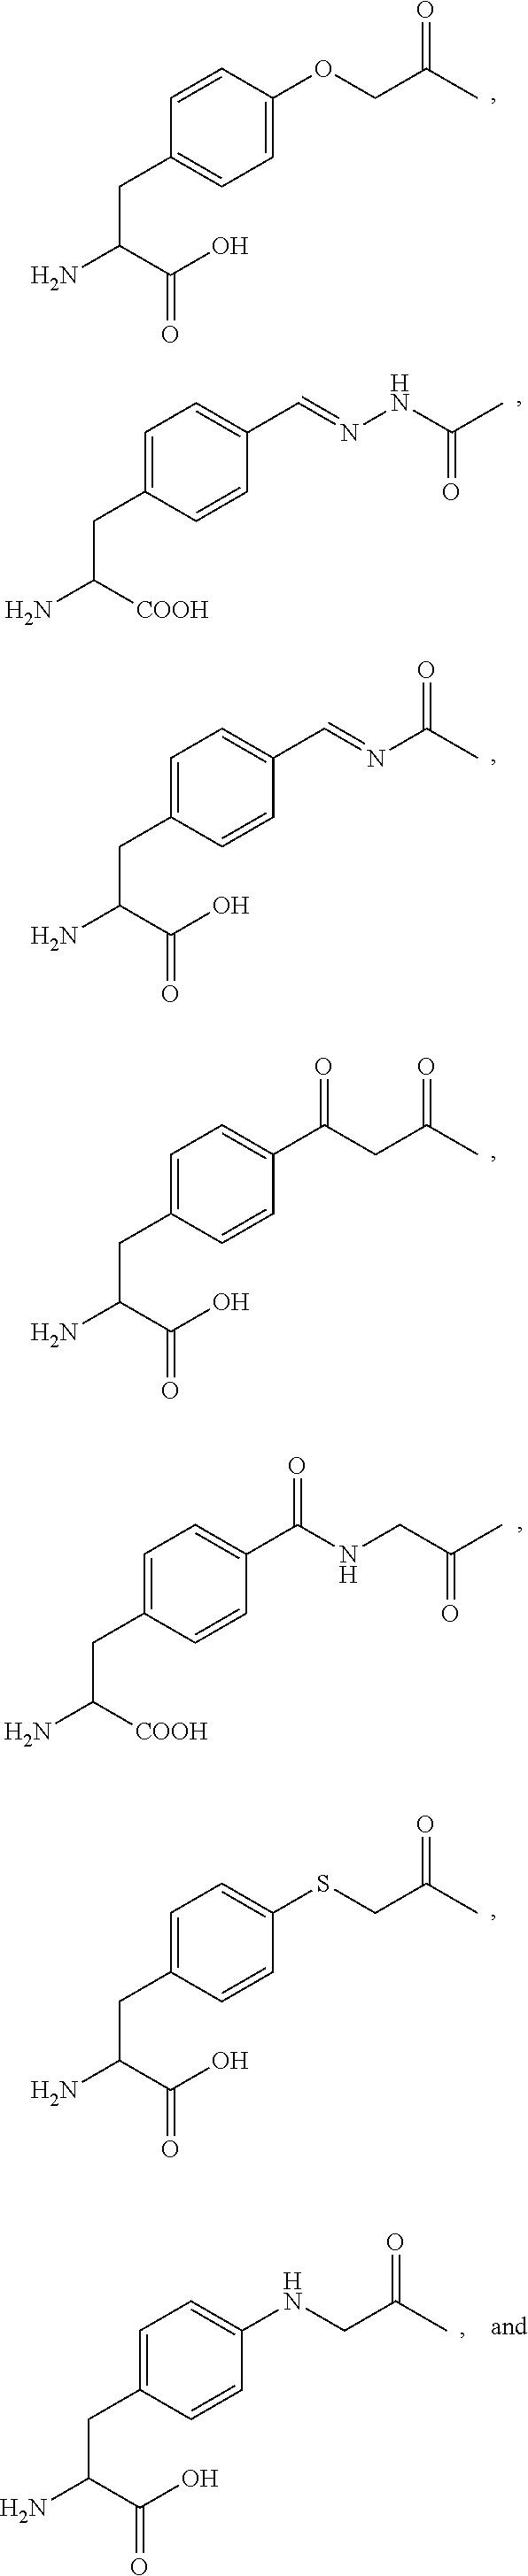 Figure US07939496-20110510-C00011